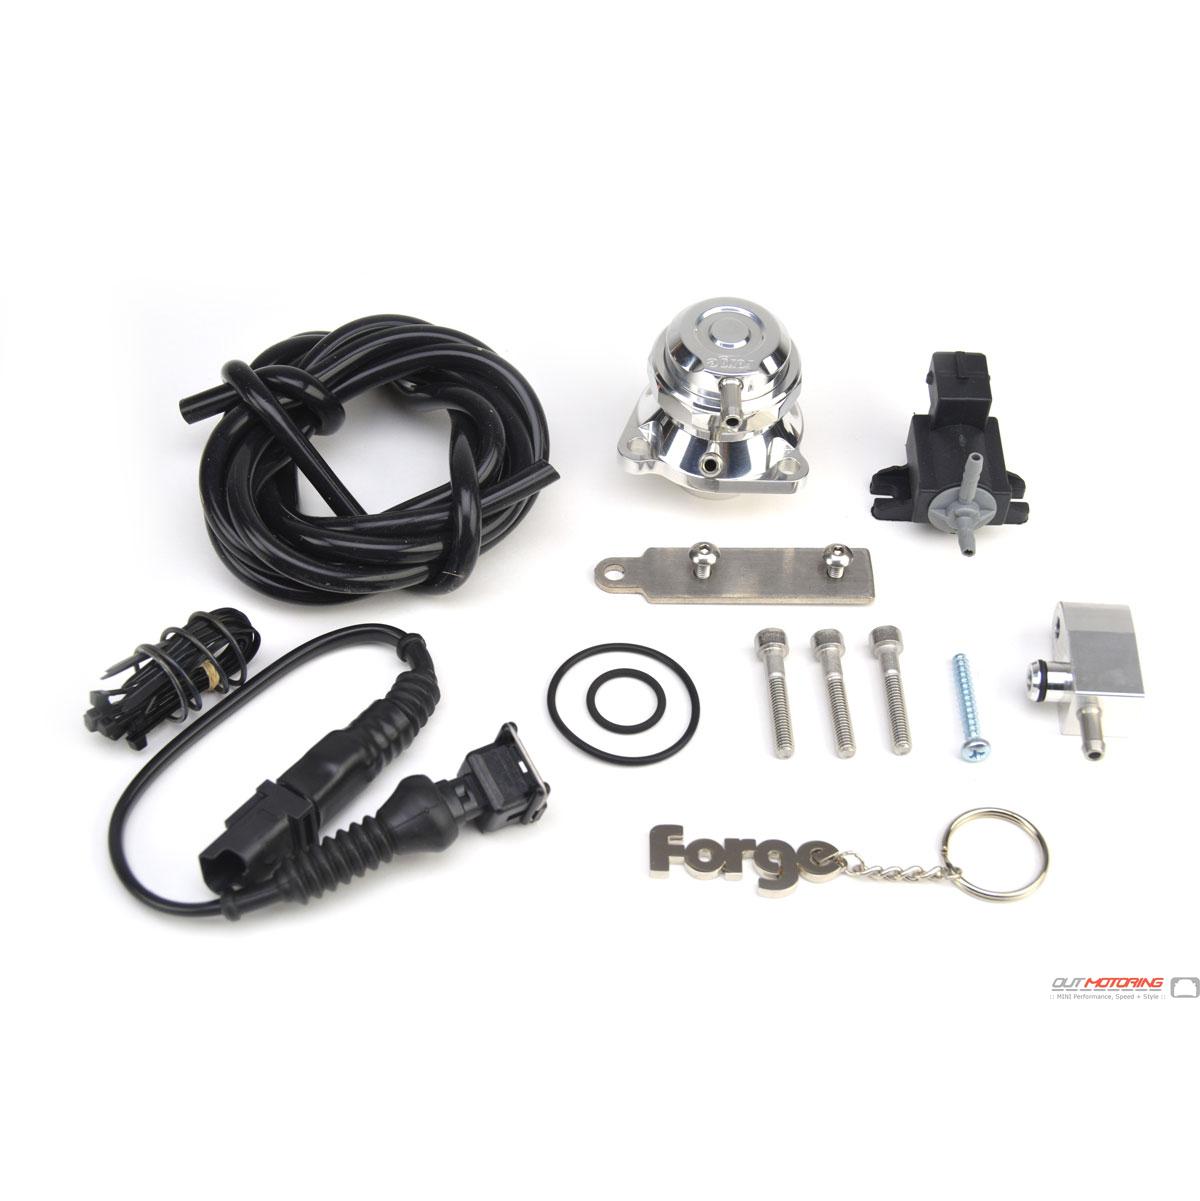 mini cooper forge turbo blow off valve kit n14 fmdvr56a. Black Bedroom Furniture Sets. Home Design Ideas